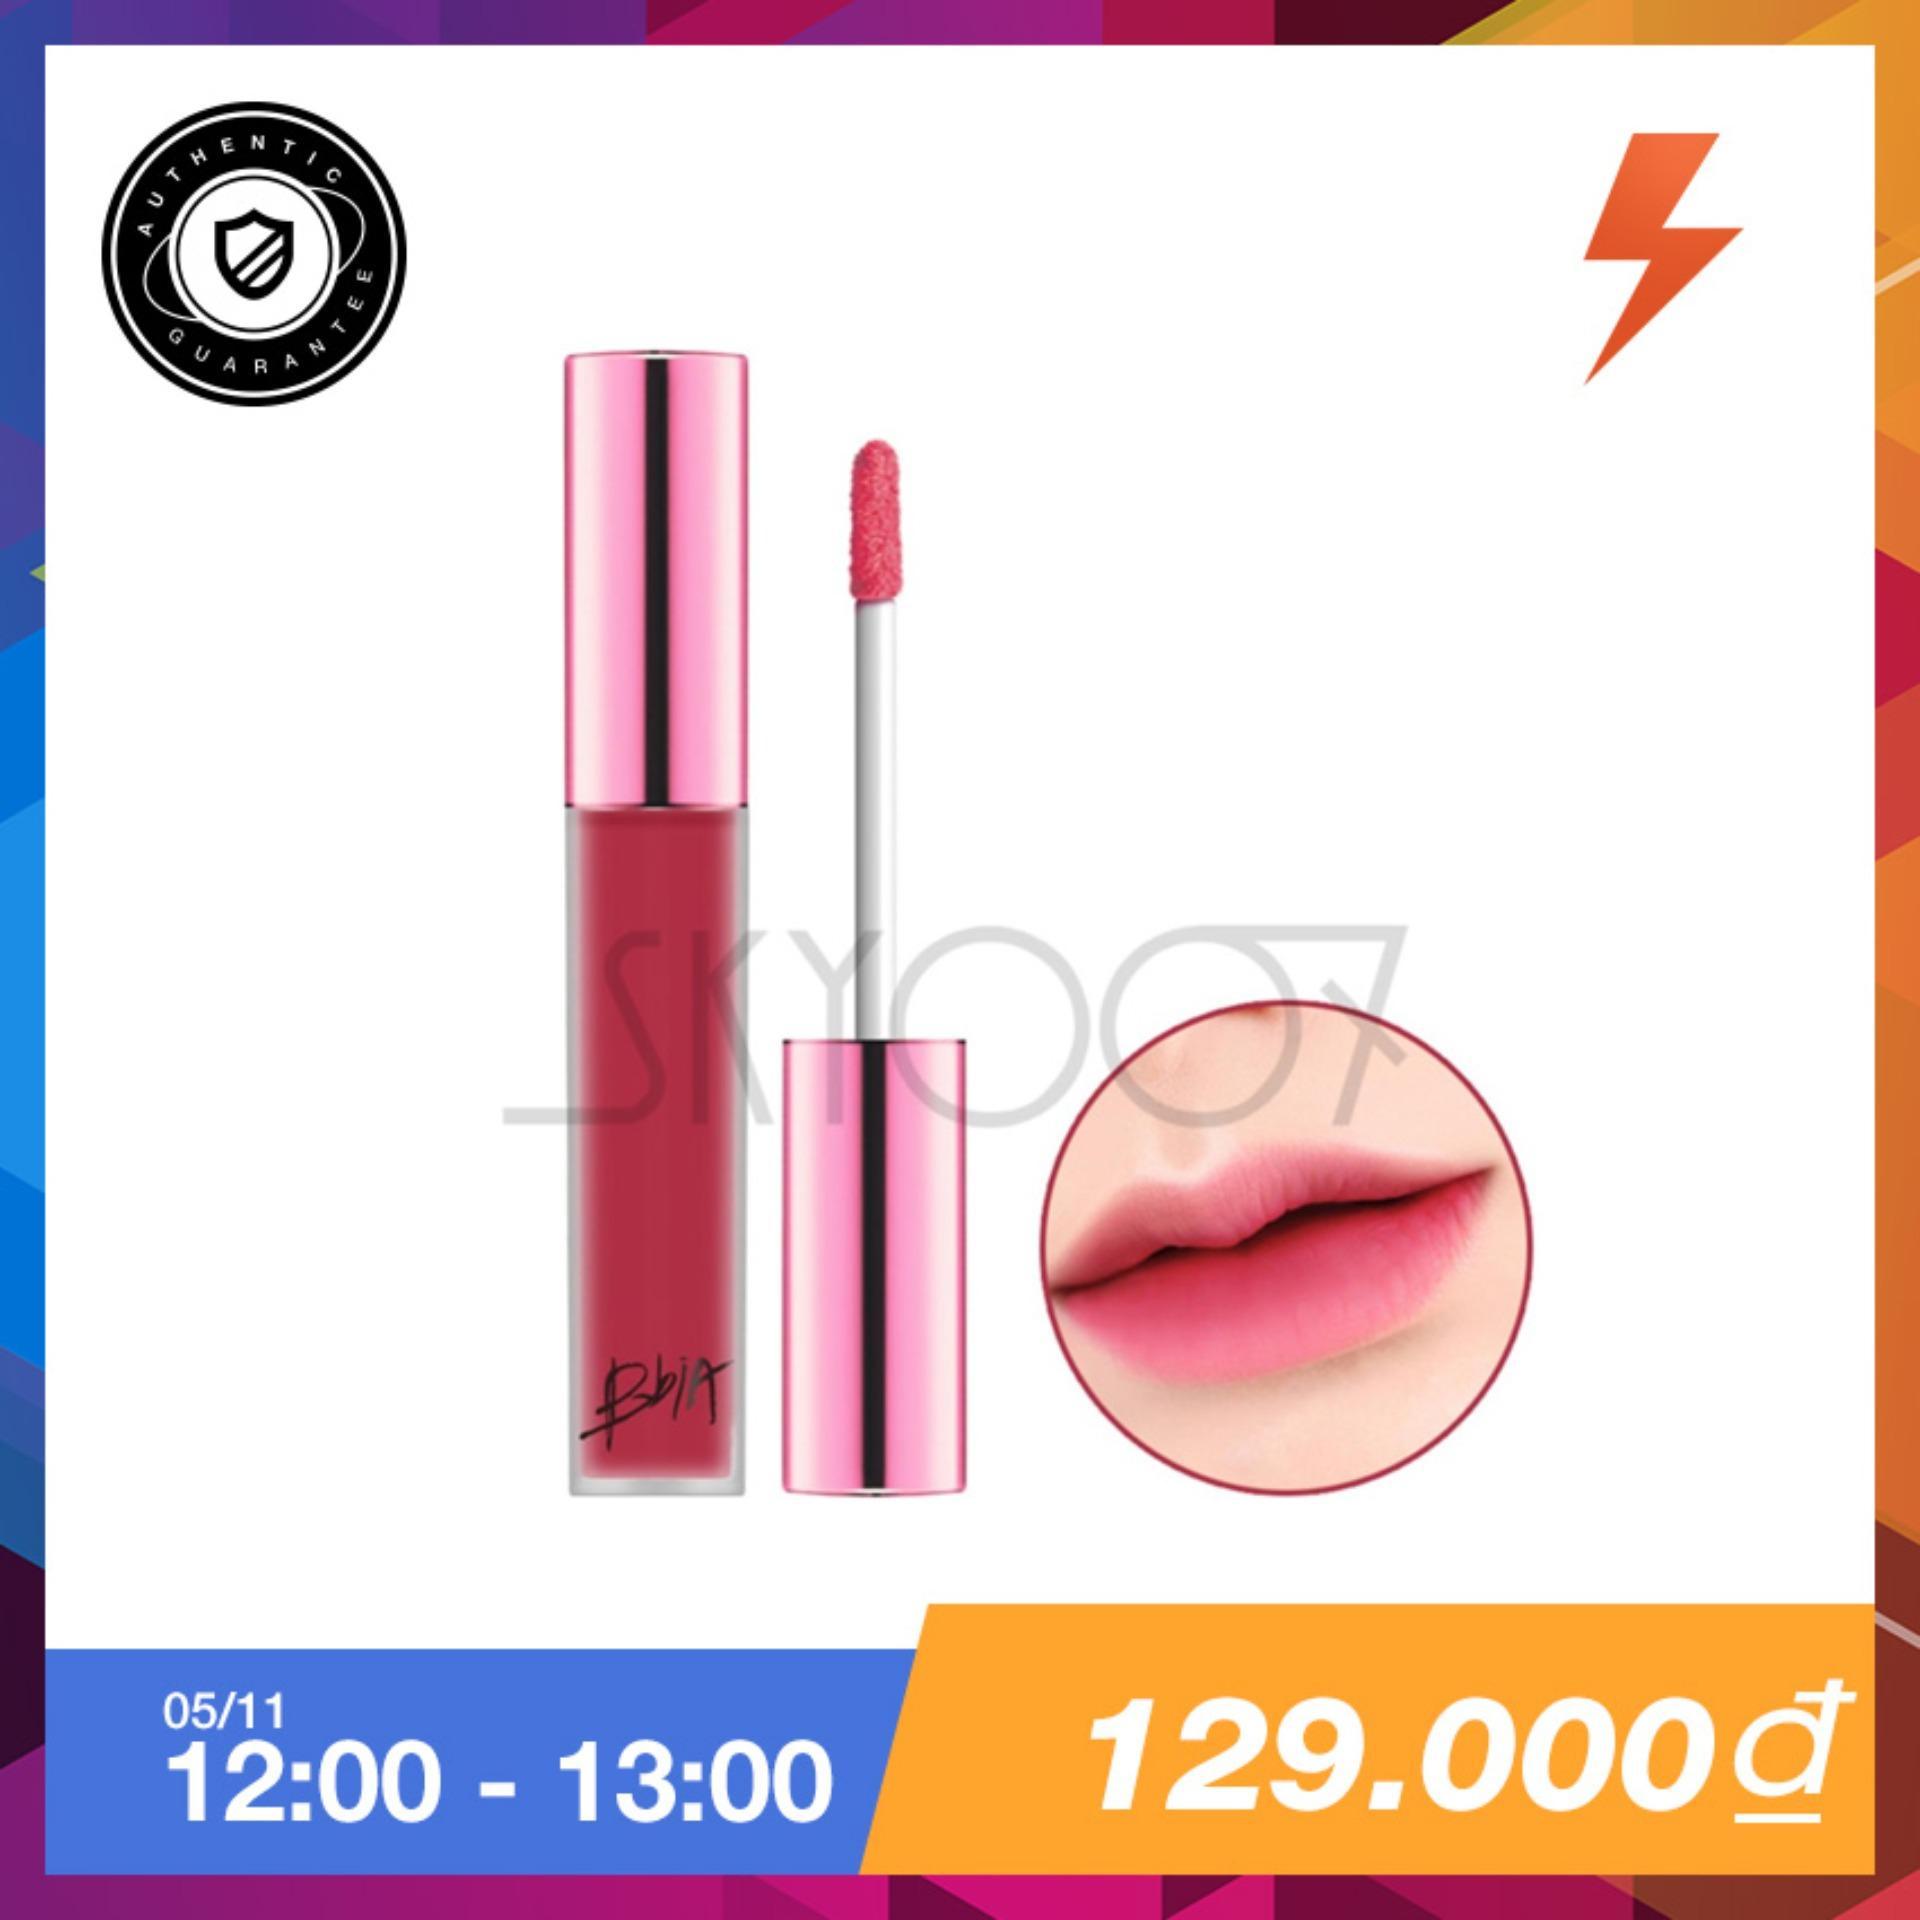 Giá Bán Son Kem Li Sieu Lau Troi Bbia Last Velvet Lip Tint Version 2 09 Rose Attack Mau Hồng Đất Bbia Nguyên